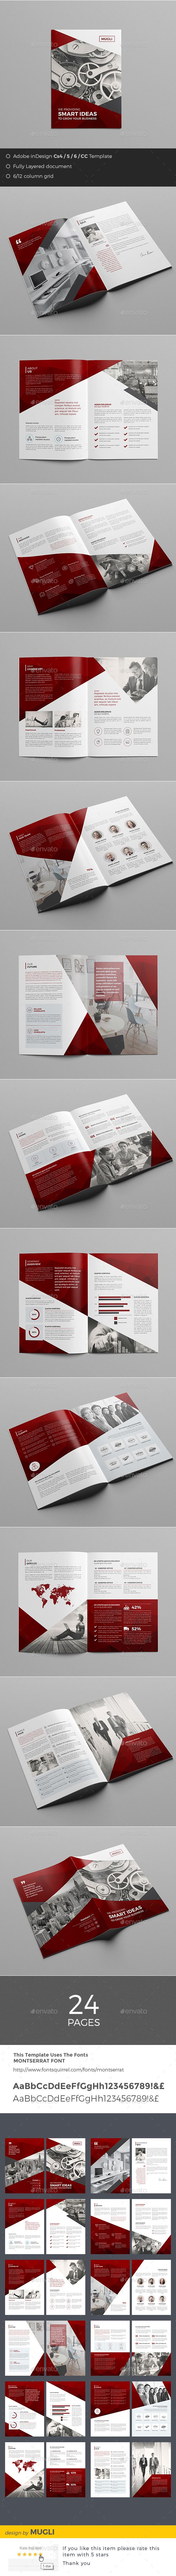 Corporate Brochure | Broschüren, Gestaltungsraster und Broschüre vorlage